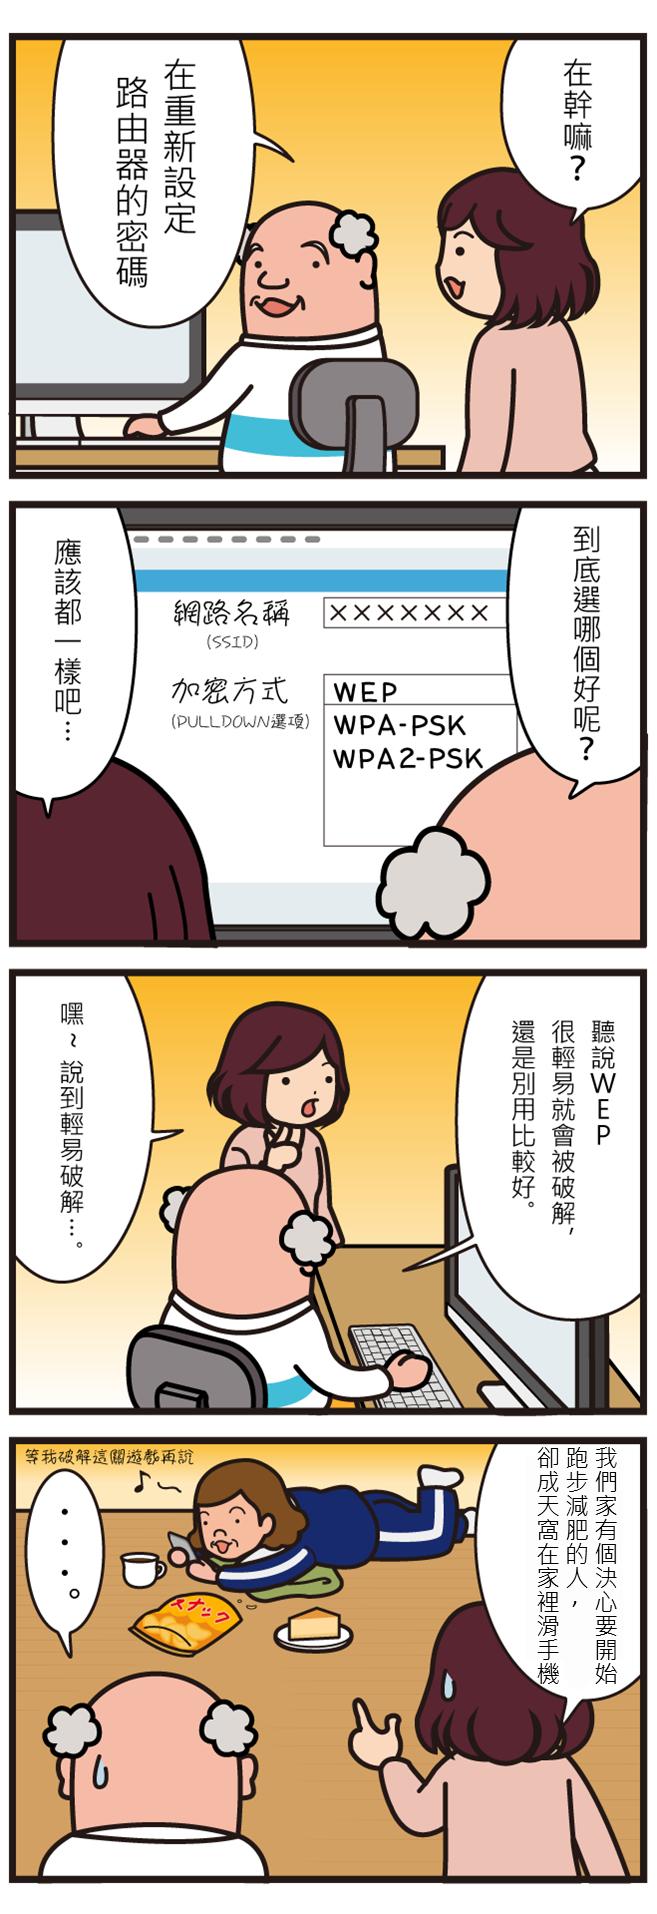 日本資安漫畫 wifi路由器設定